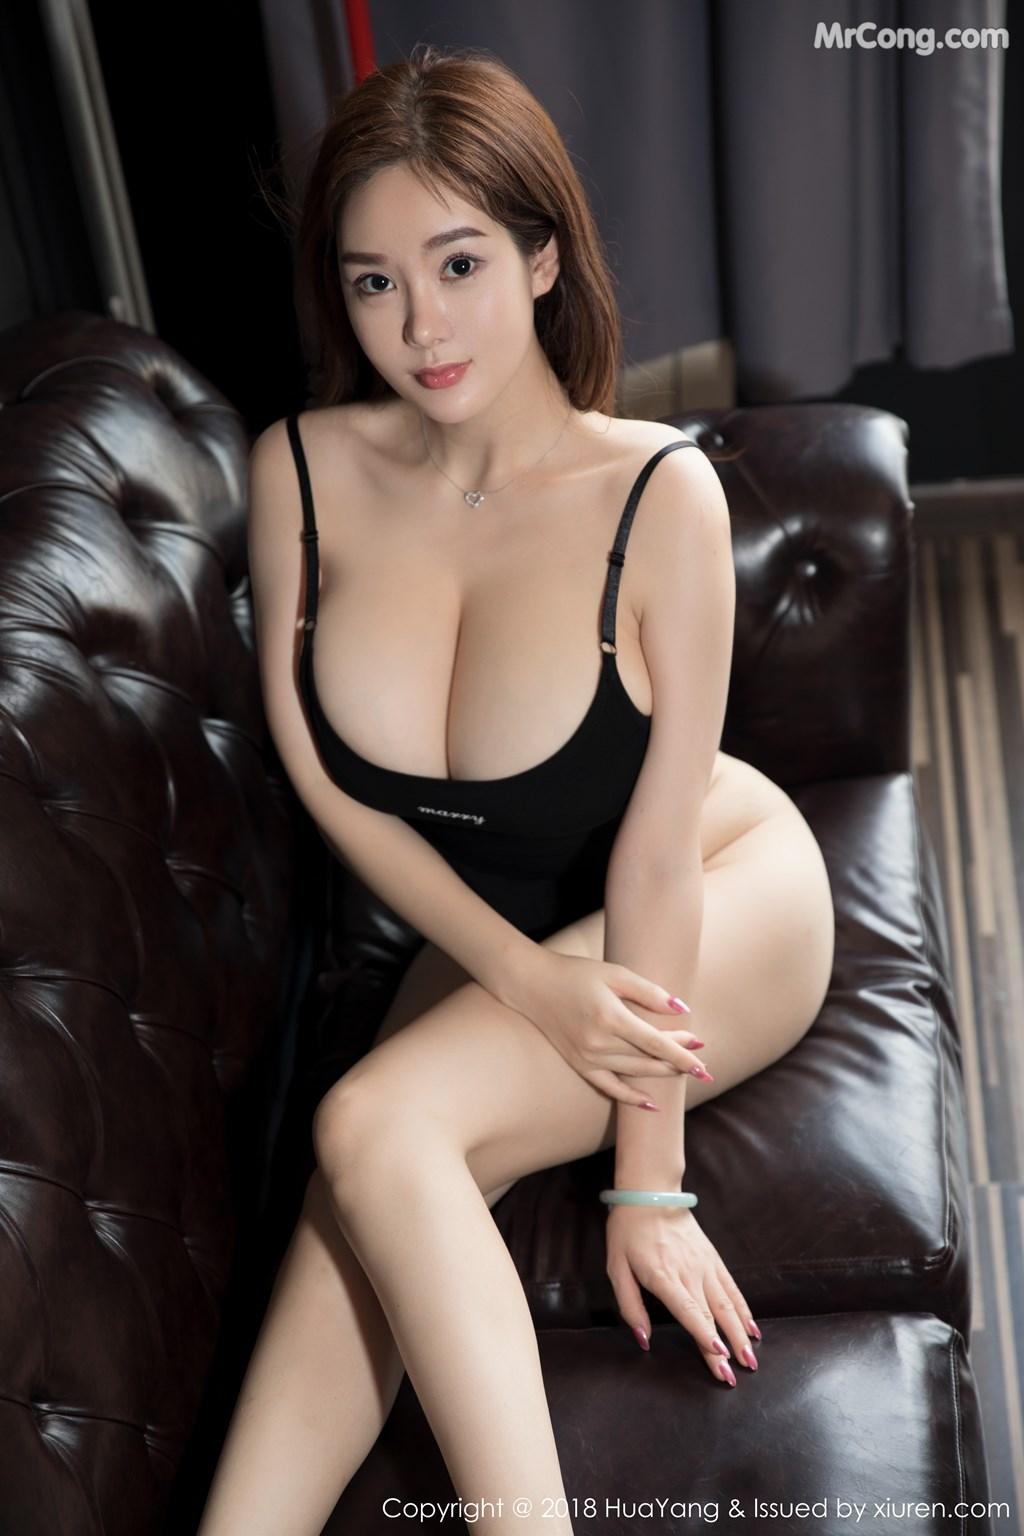 Image HuaYang-2018-08-09-Vol.068-Silvia-MrCong.com-015 in post HuaYang 2018-08-09 Vol.068: Người mẫu 易阳Silvia (41 ảnh)